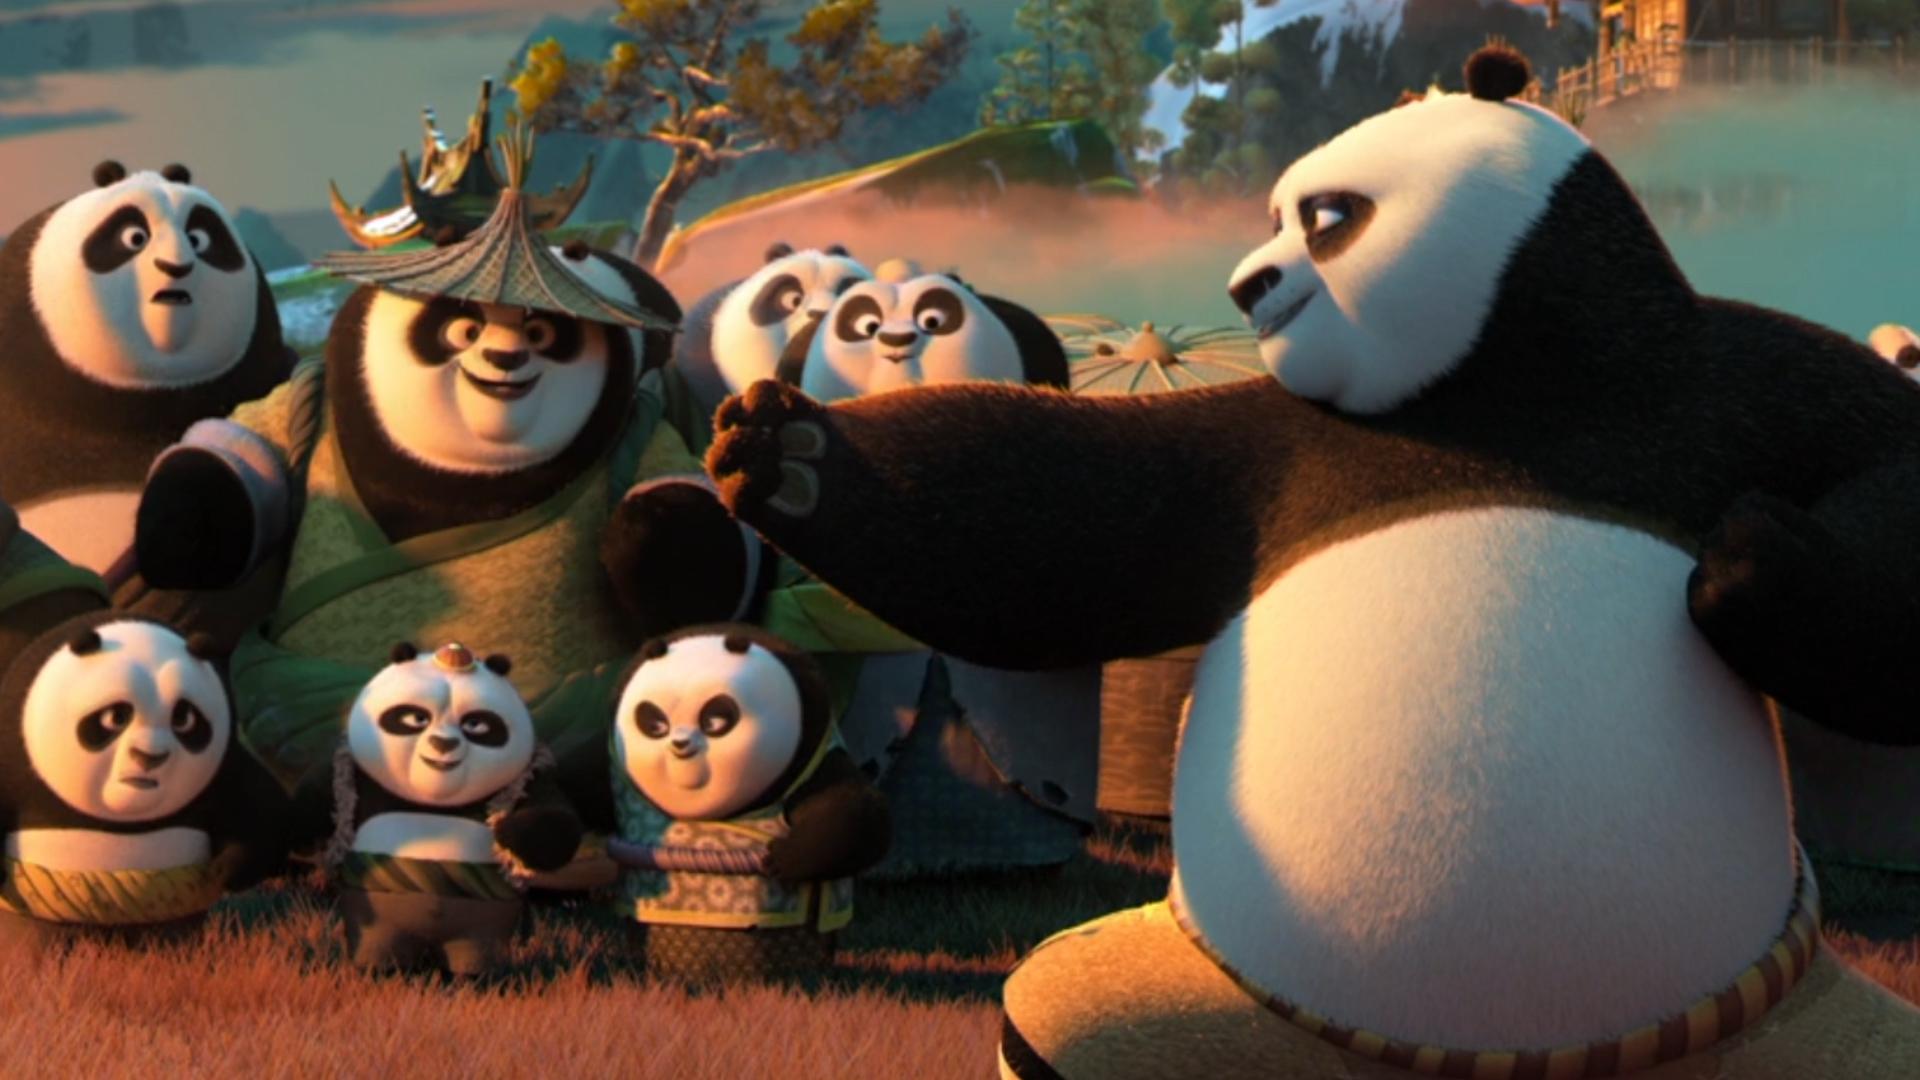 30. Kung Fu Panda 3